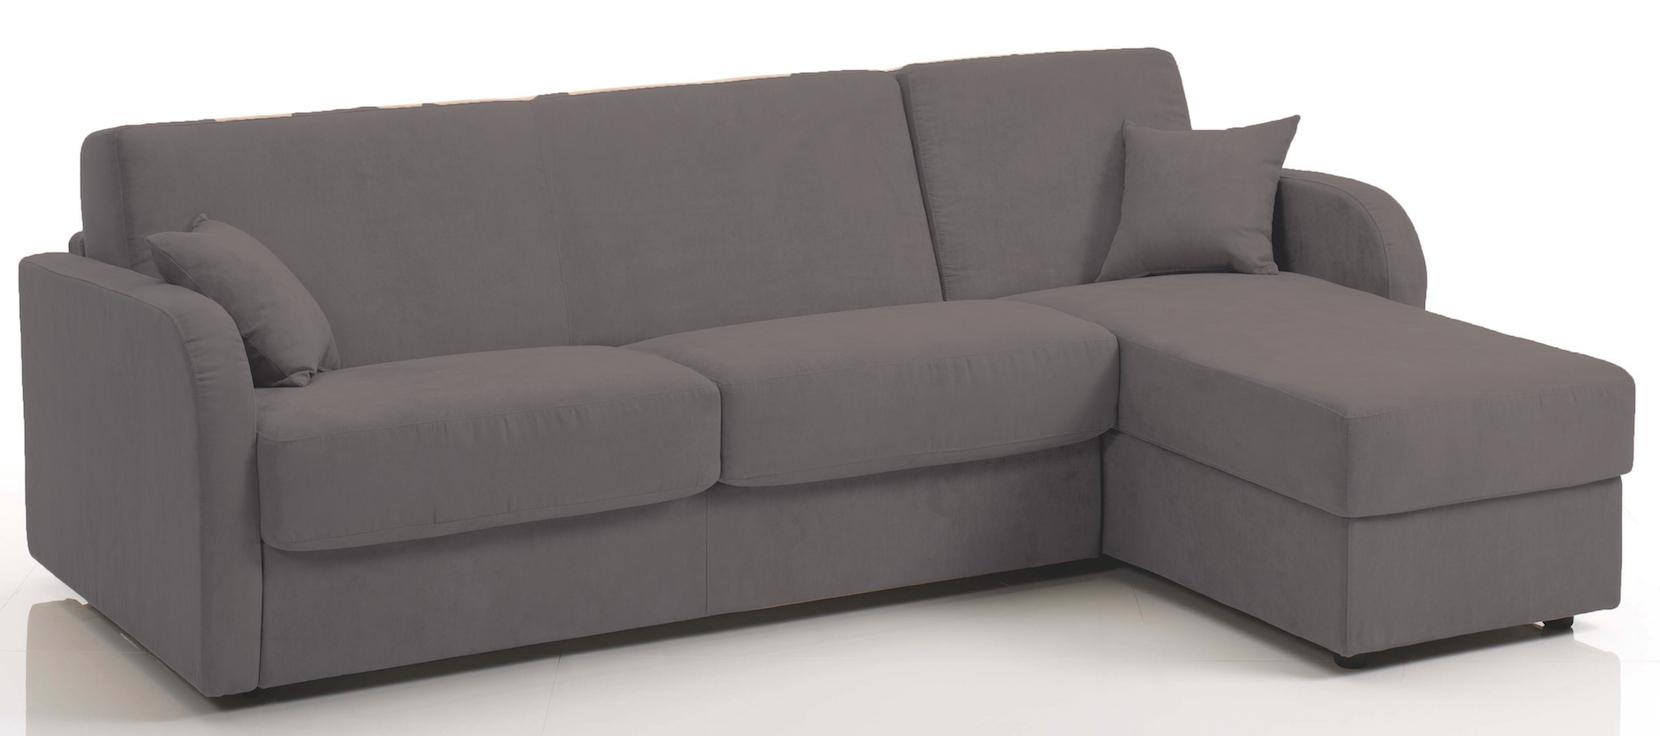 canap d 39 angle convertible rev tement microfibre gris fonc kare mod le 3 places. Black Bedroom Furniture Sets. Home Design Ideas